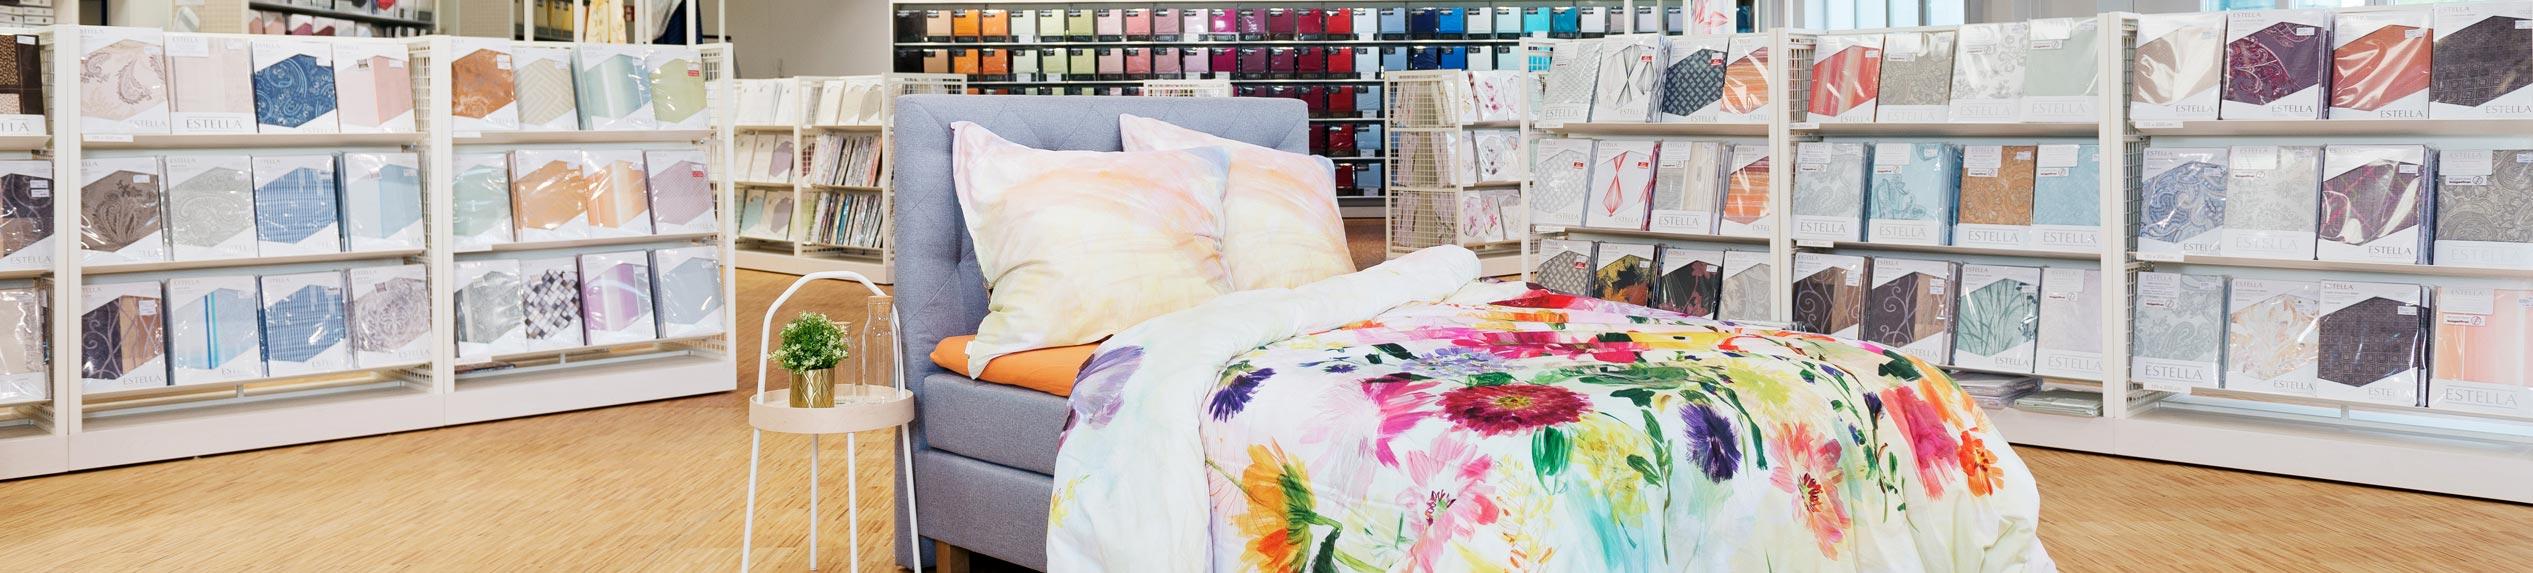 Estella Händlersuche Storefinder | Online-Shop